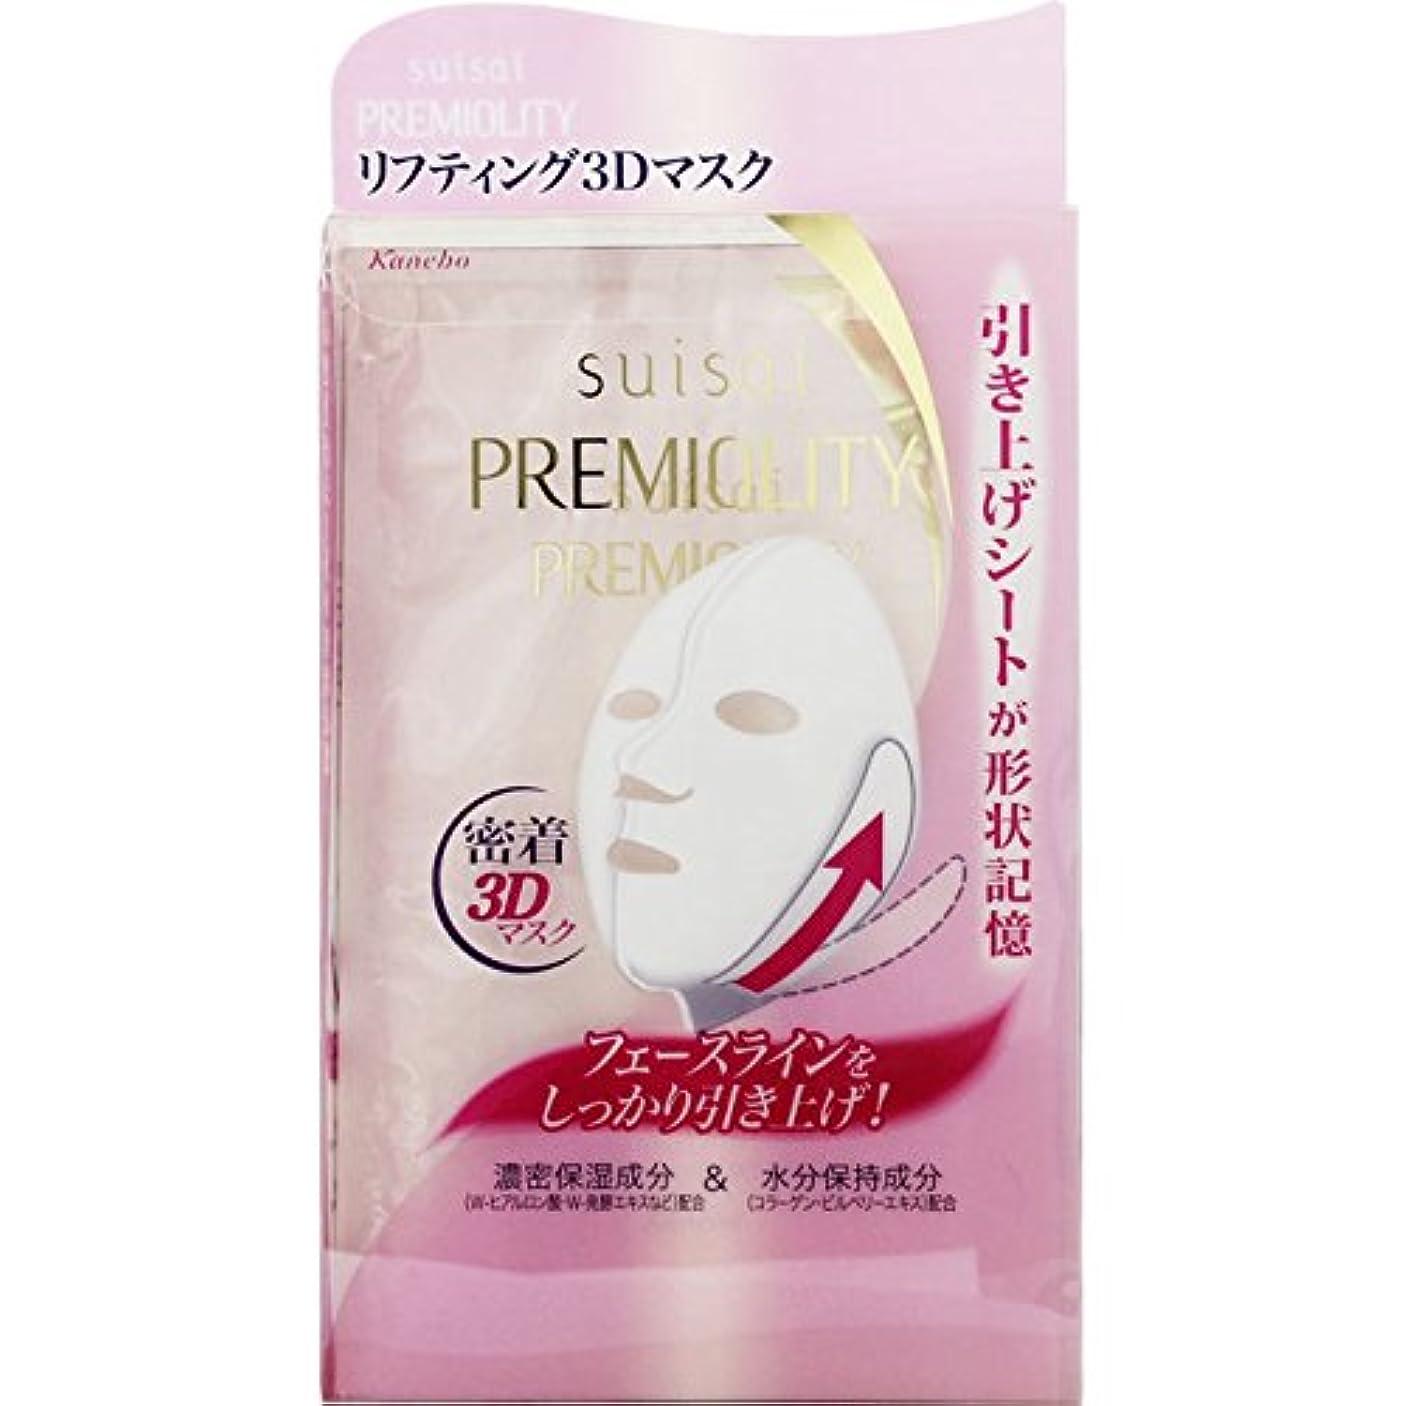 私たち白い指定するカネボウ suisai プレミオリティ リフトモイスチャー3Dマスク